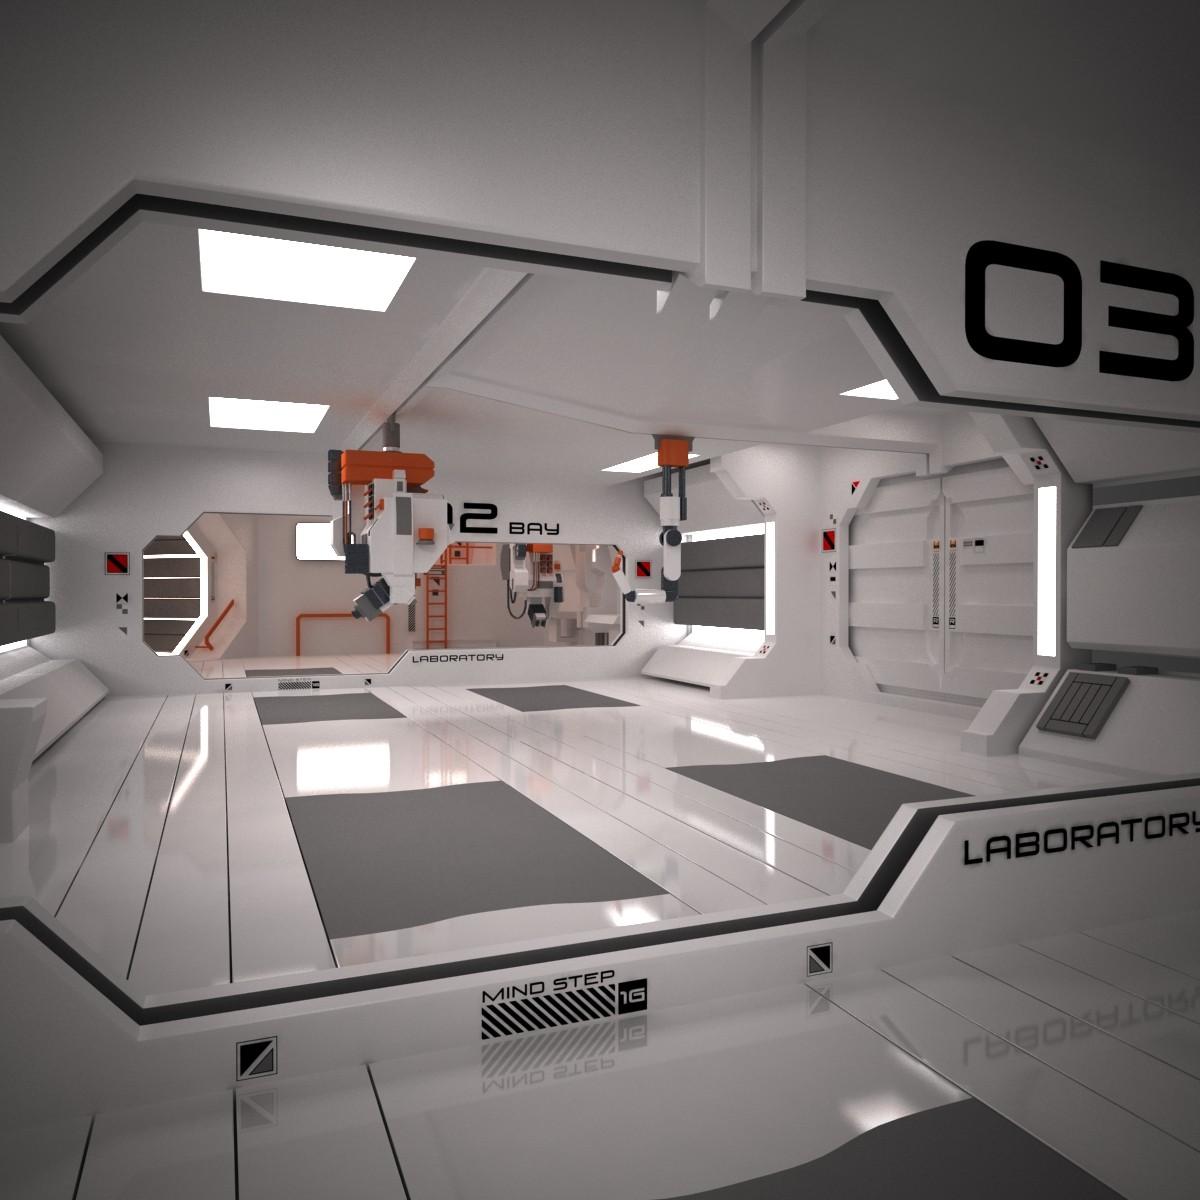 render_05 Preview.jpg